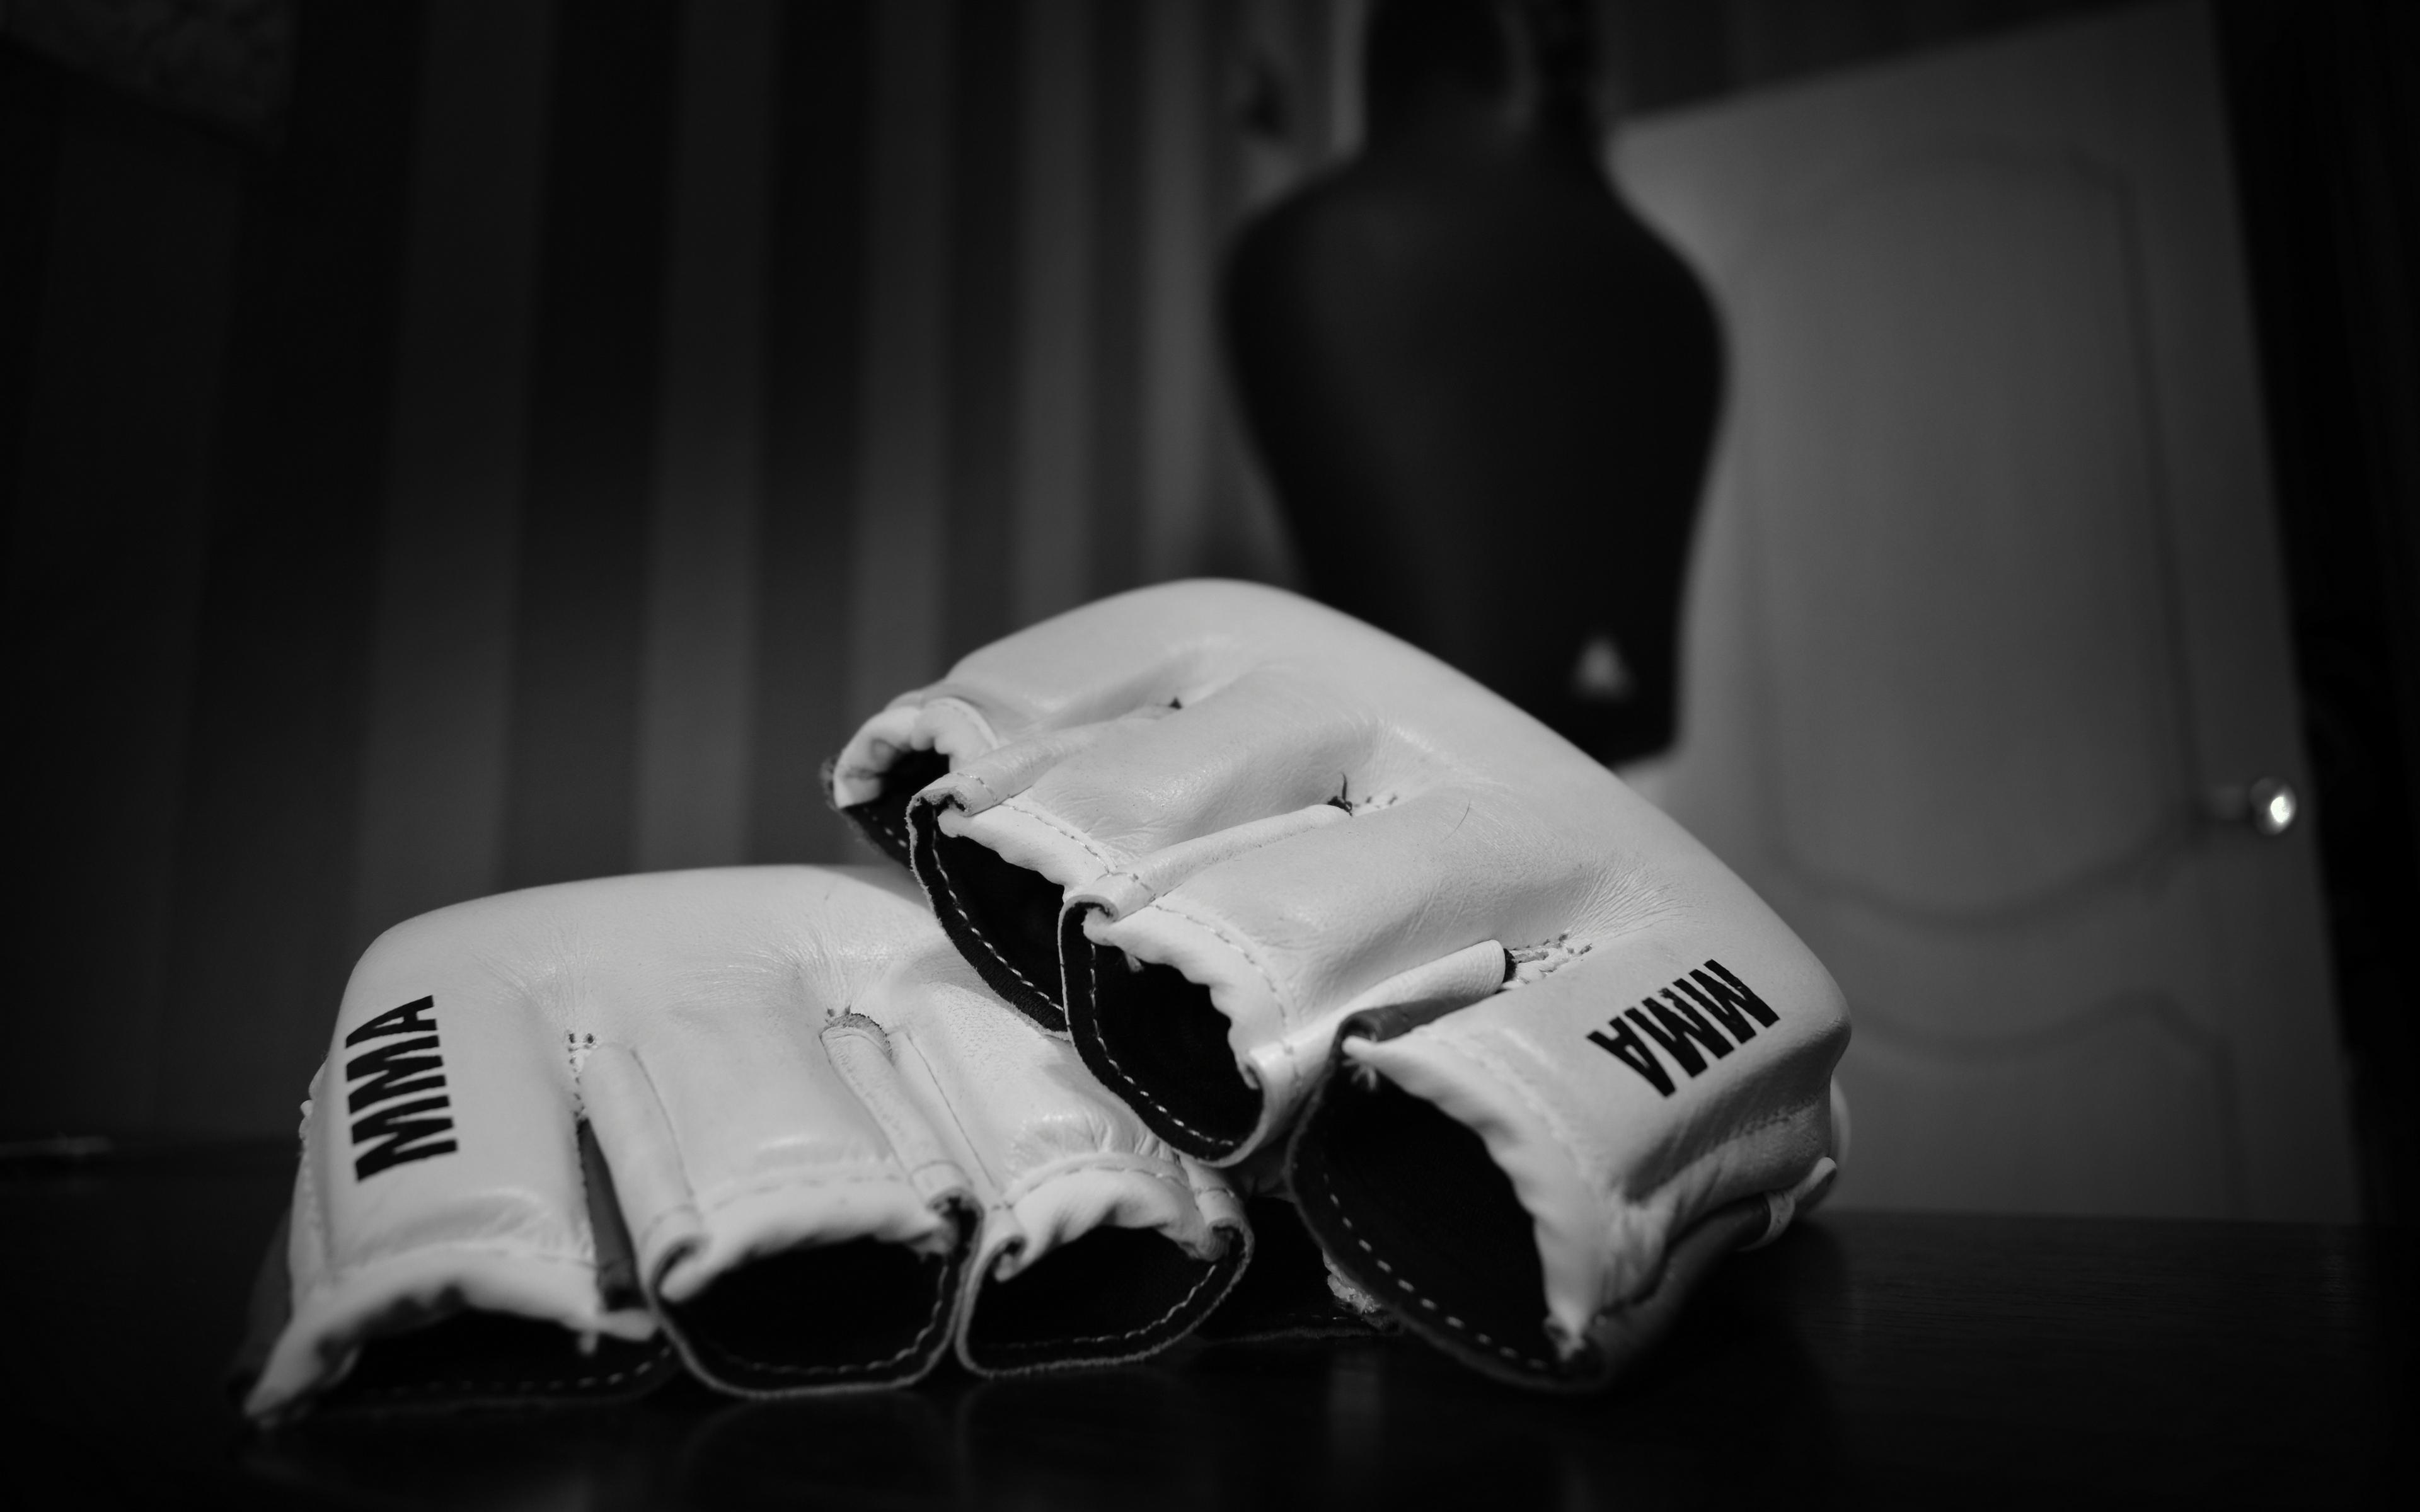 Download wallpaper 3840x2400 mixed martial arts mma wrestling 3840x2400